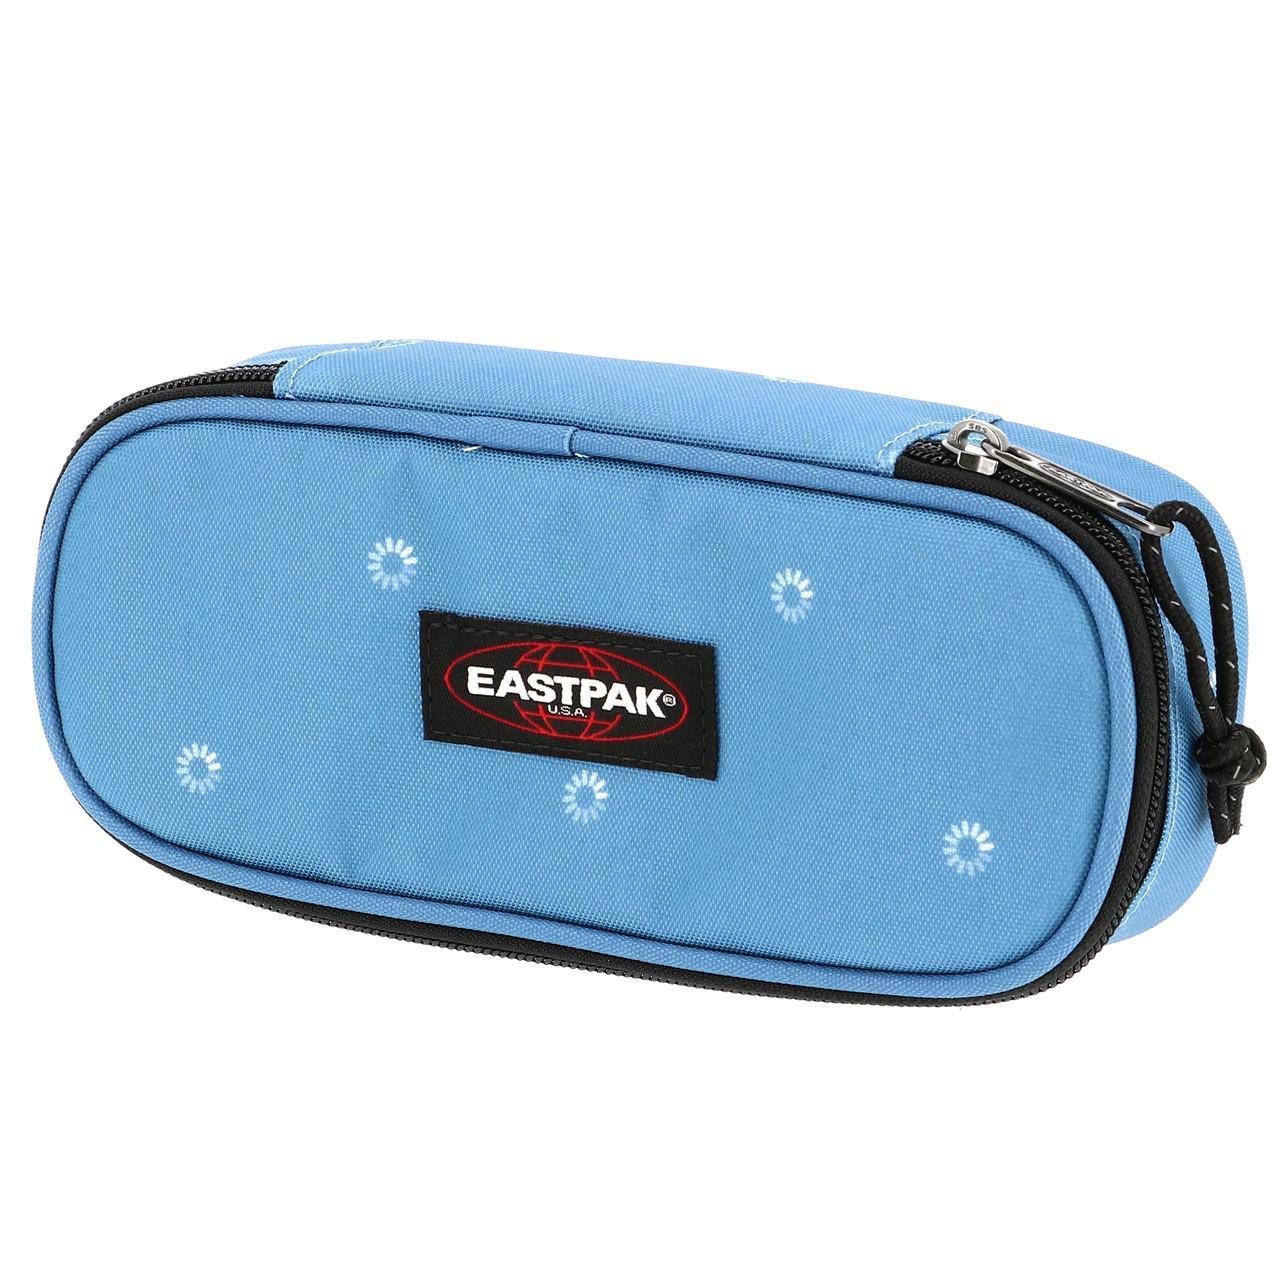 Détails sur Trousse à crayons Eastpak Benchmark trippy blue Bleu 71525 Neuf